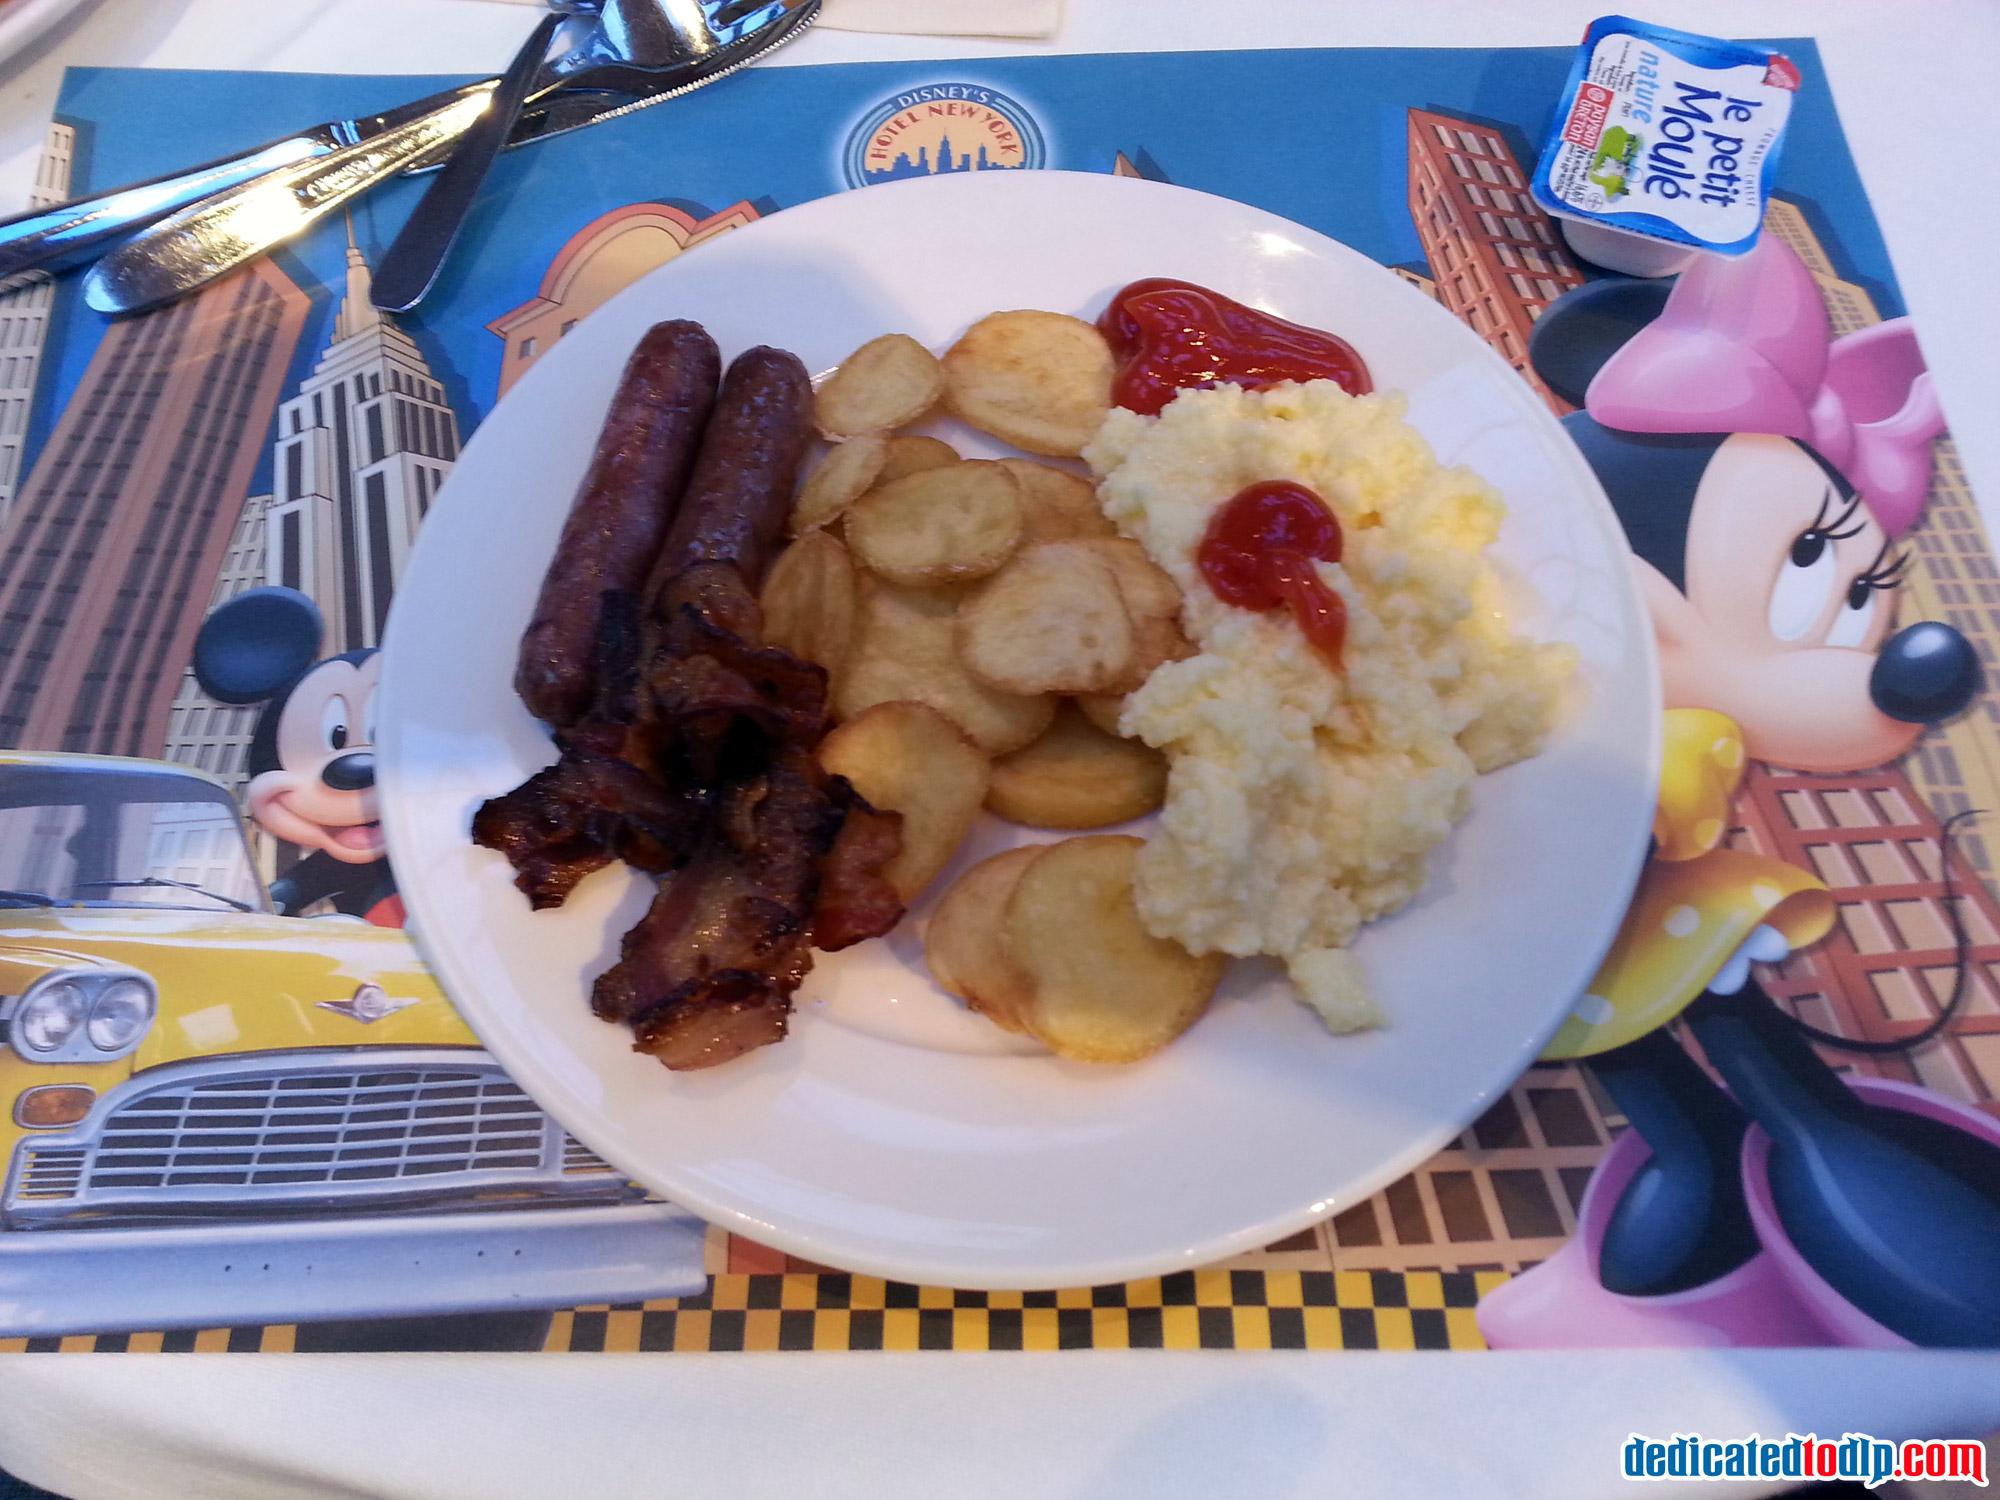 Hotel Cheyenne Disneyland Paris Breakfast